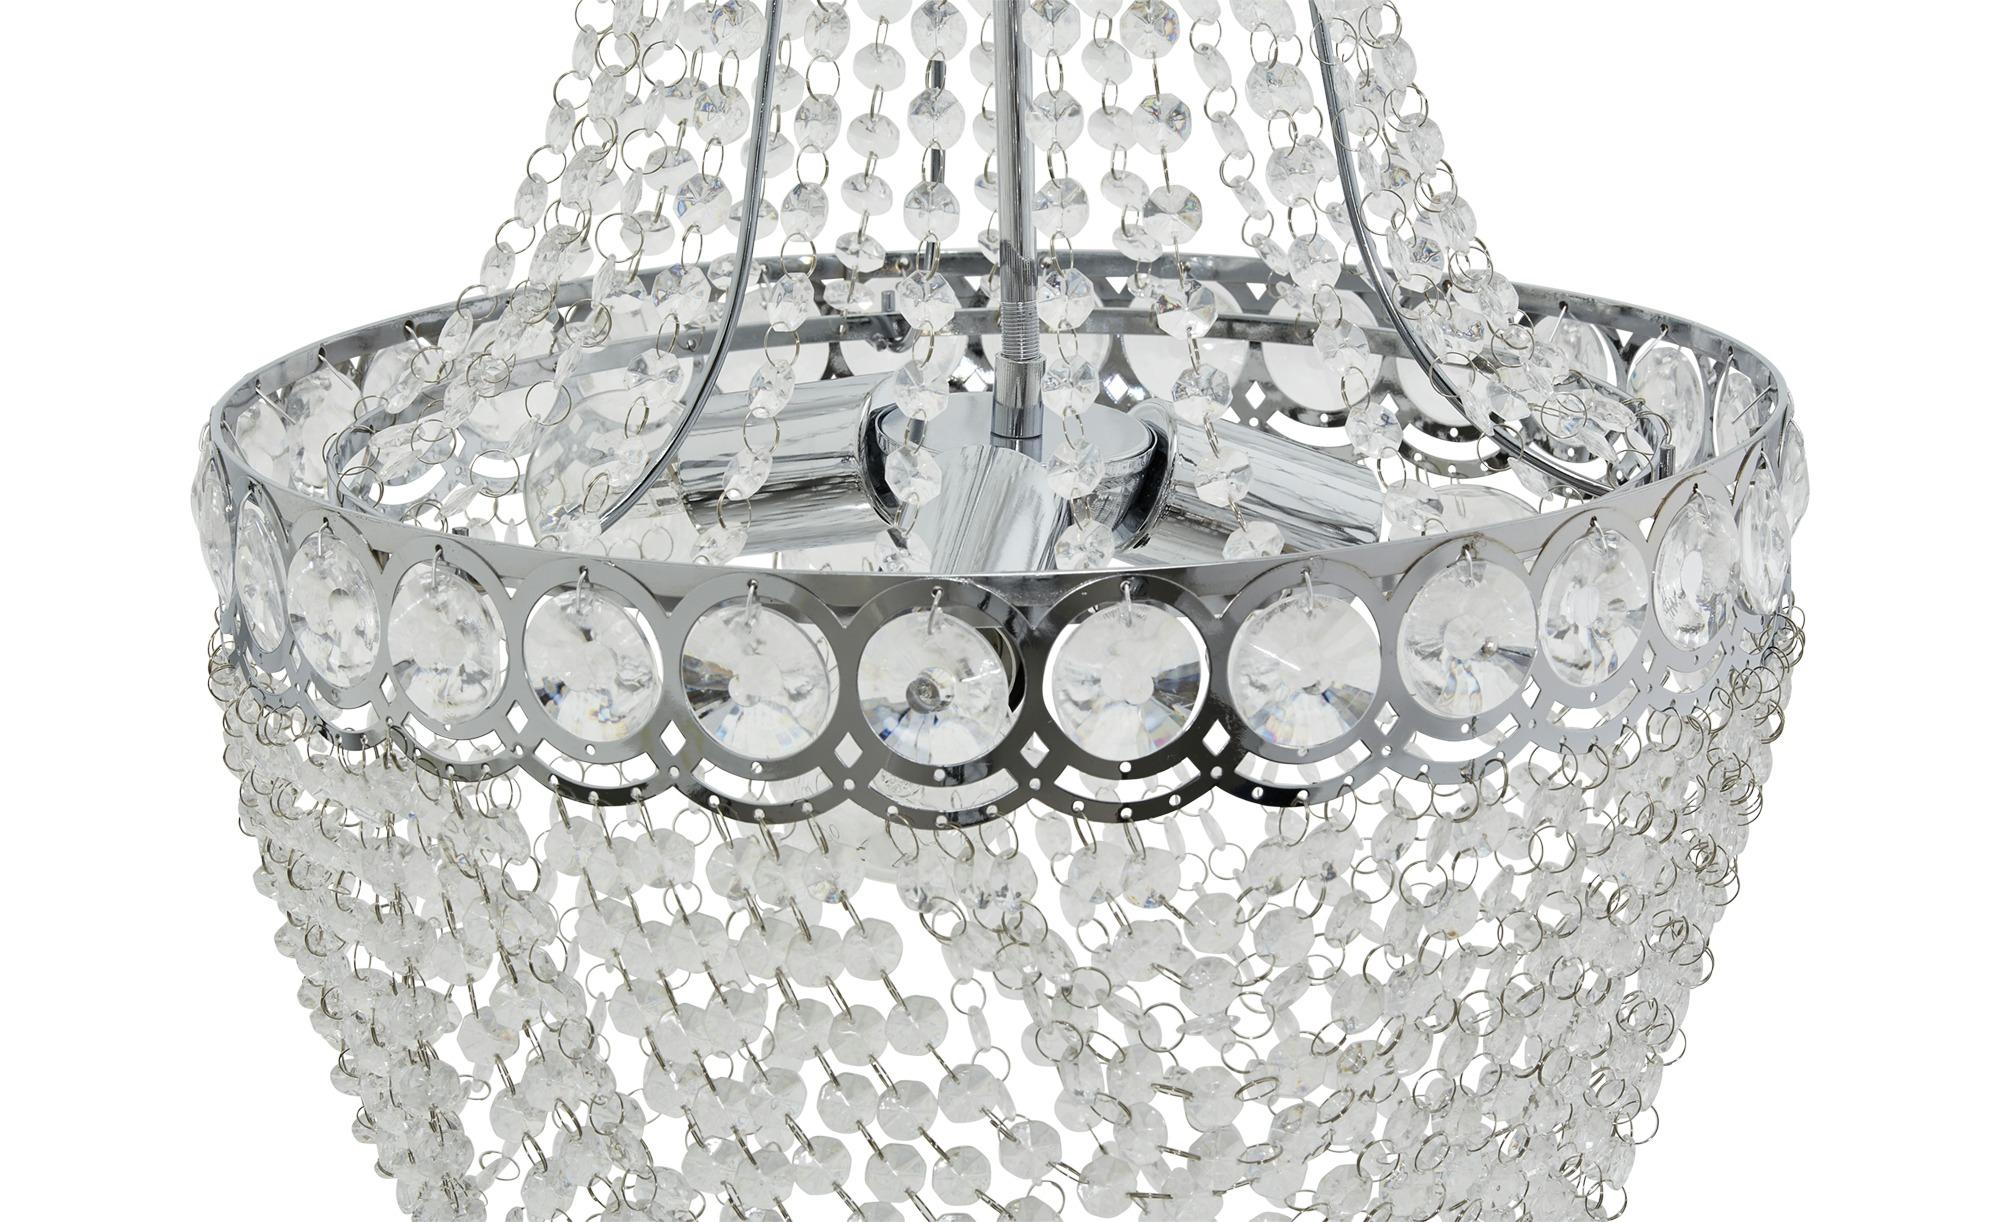 Hängeleuchte mit überreichem Primsenbehang für starke Lichtbrechung